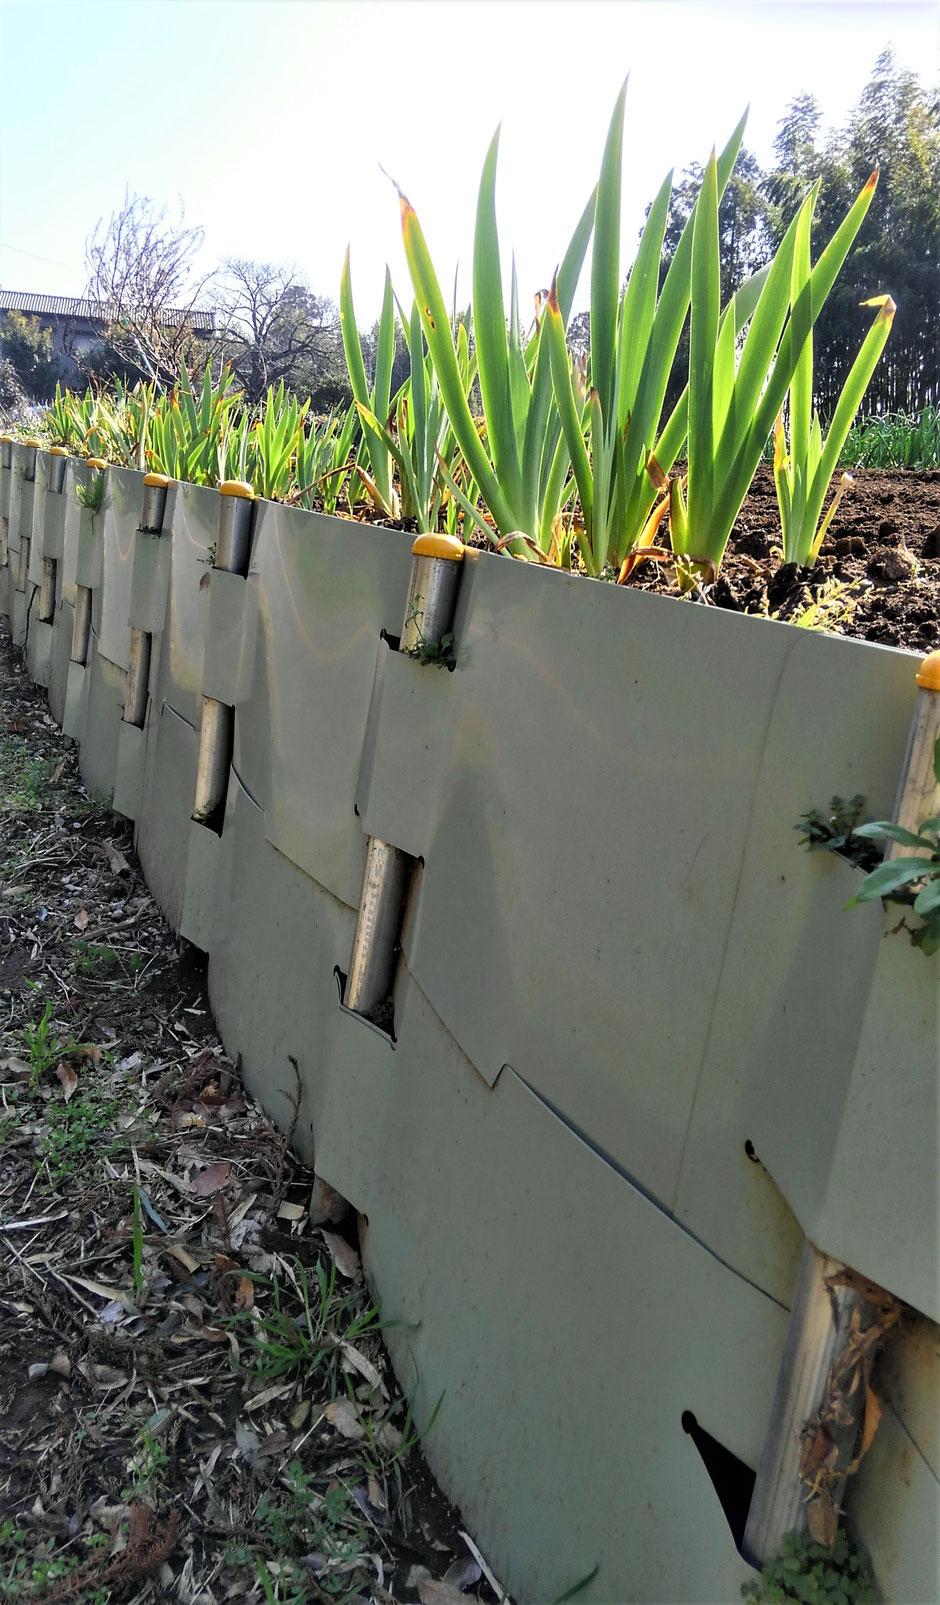 専門の土建屋に頼まなくても、日曜大工でかんたんに出来る地すべり防止用の土留鋼板をご紹介する写真入りページです。